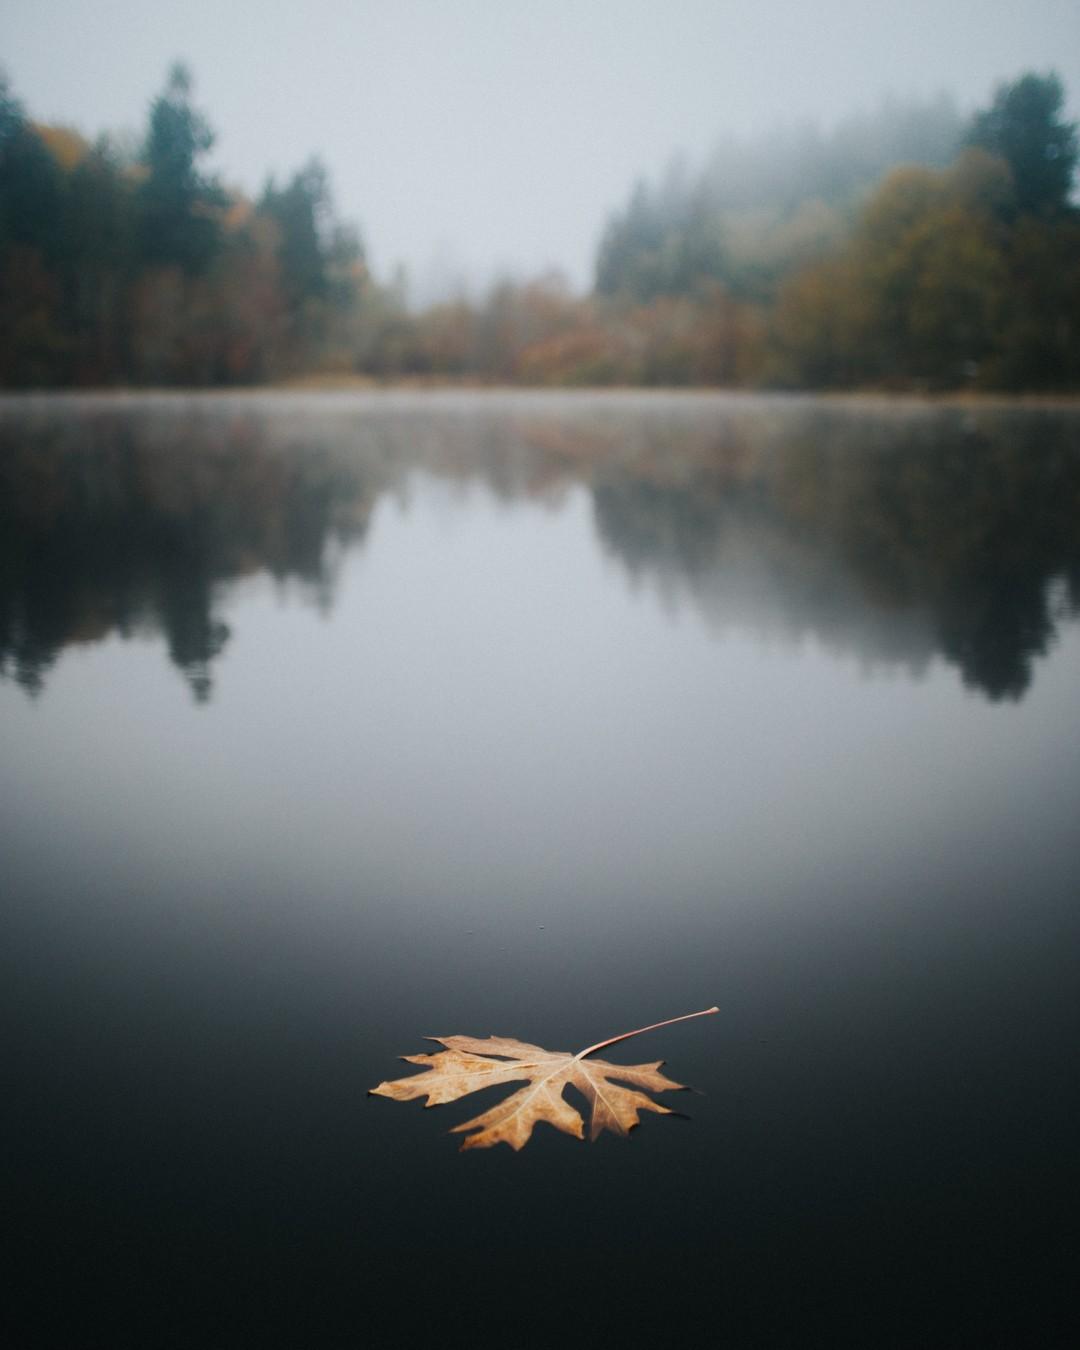 Takie klimaty... #smutnoiźle #sadmood #imangry #autumnmood #falldepression #notinbestmood #jesień #jesiennie